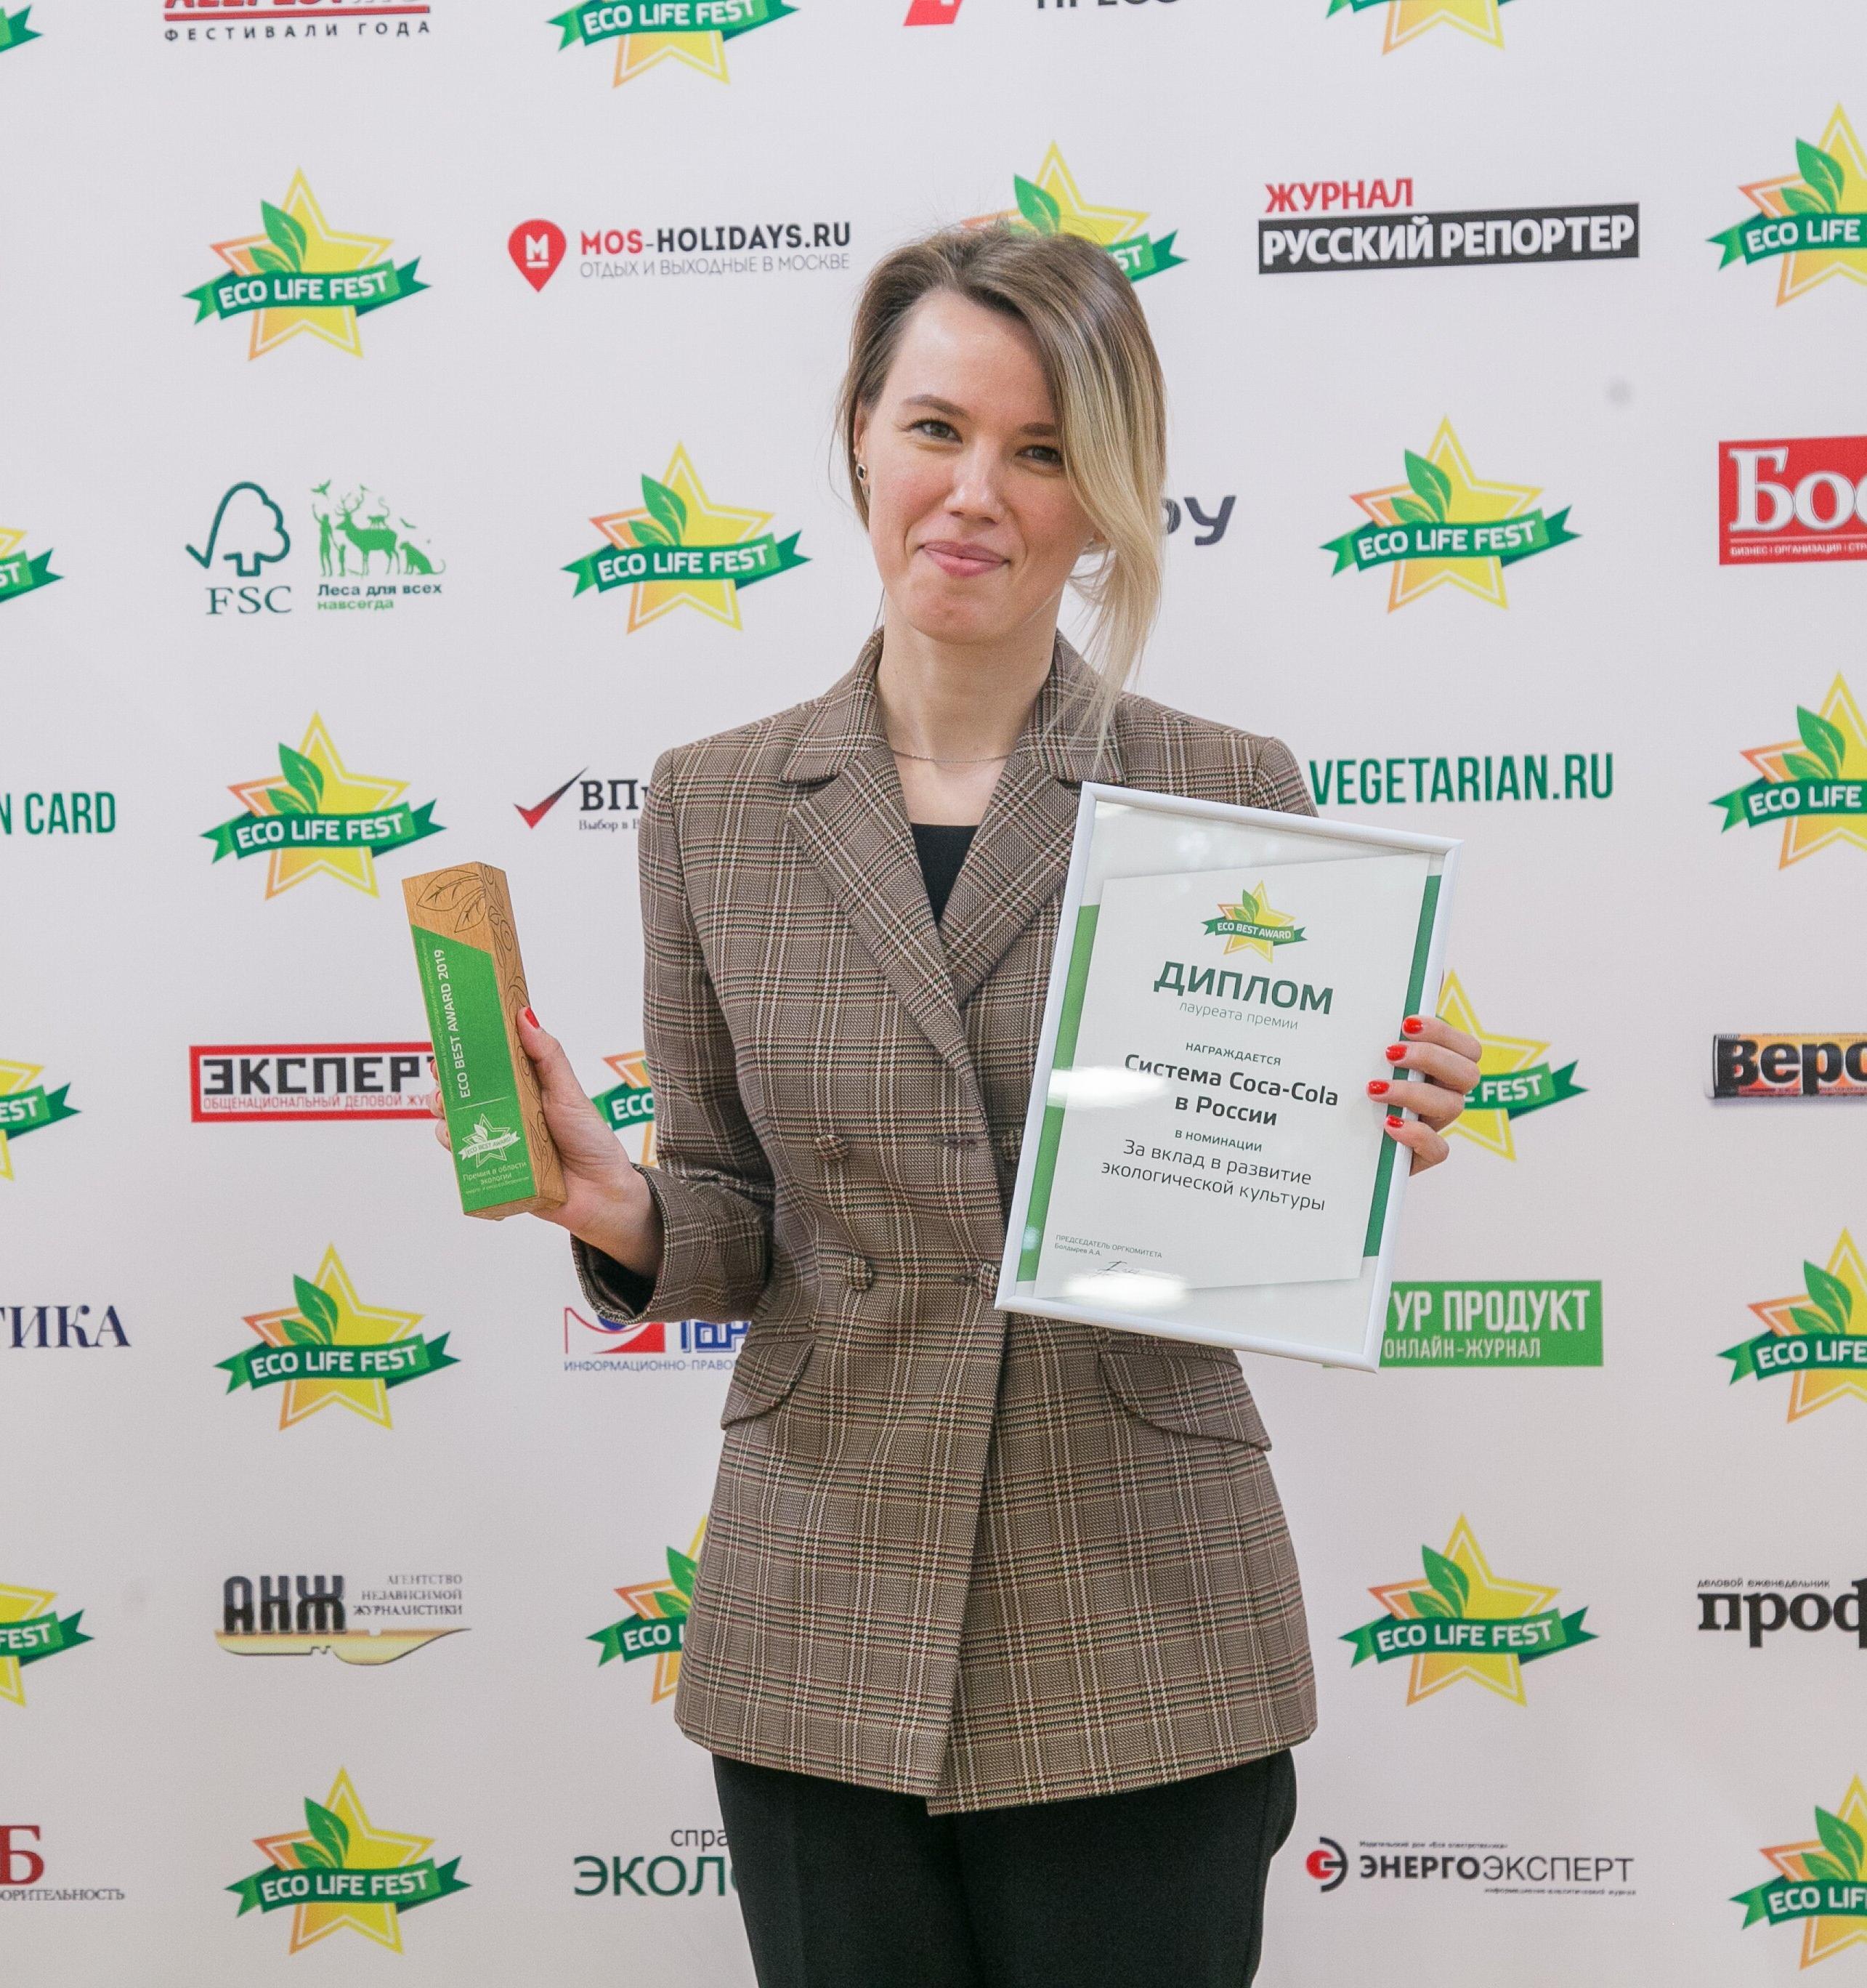 Подведены итоги премии Eco Best Award 2019